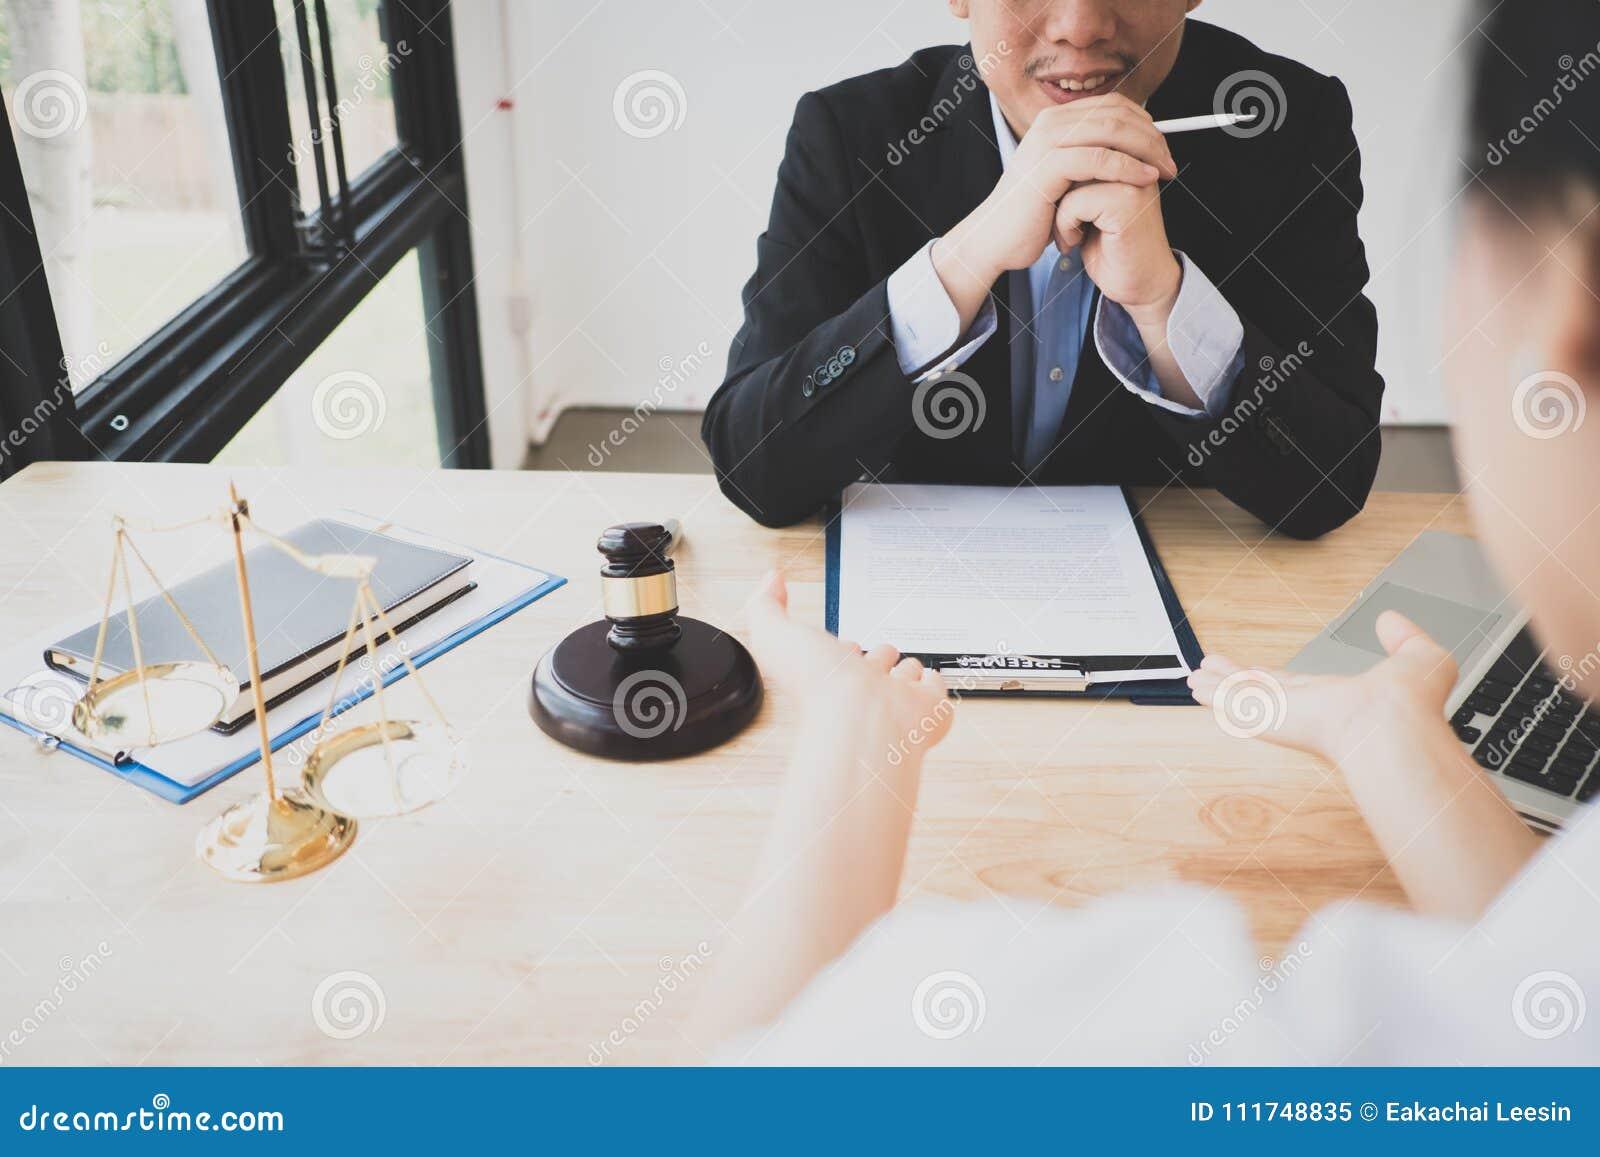 Klient i prawnik siedzącego puszka spotkanie w cztery oczy dyskutować legalnego